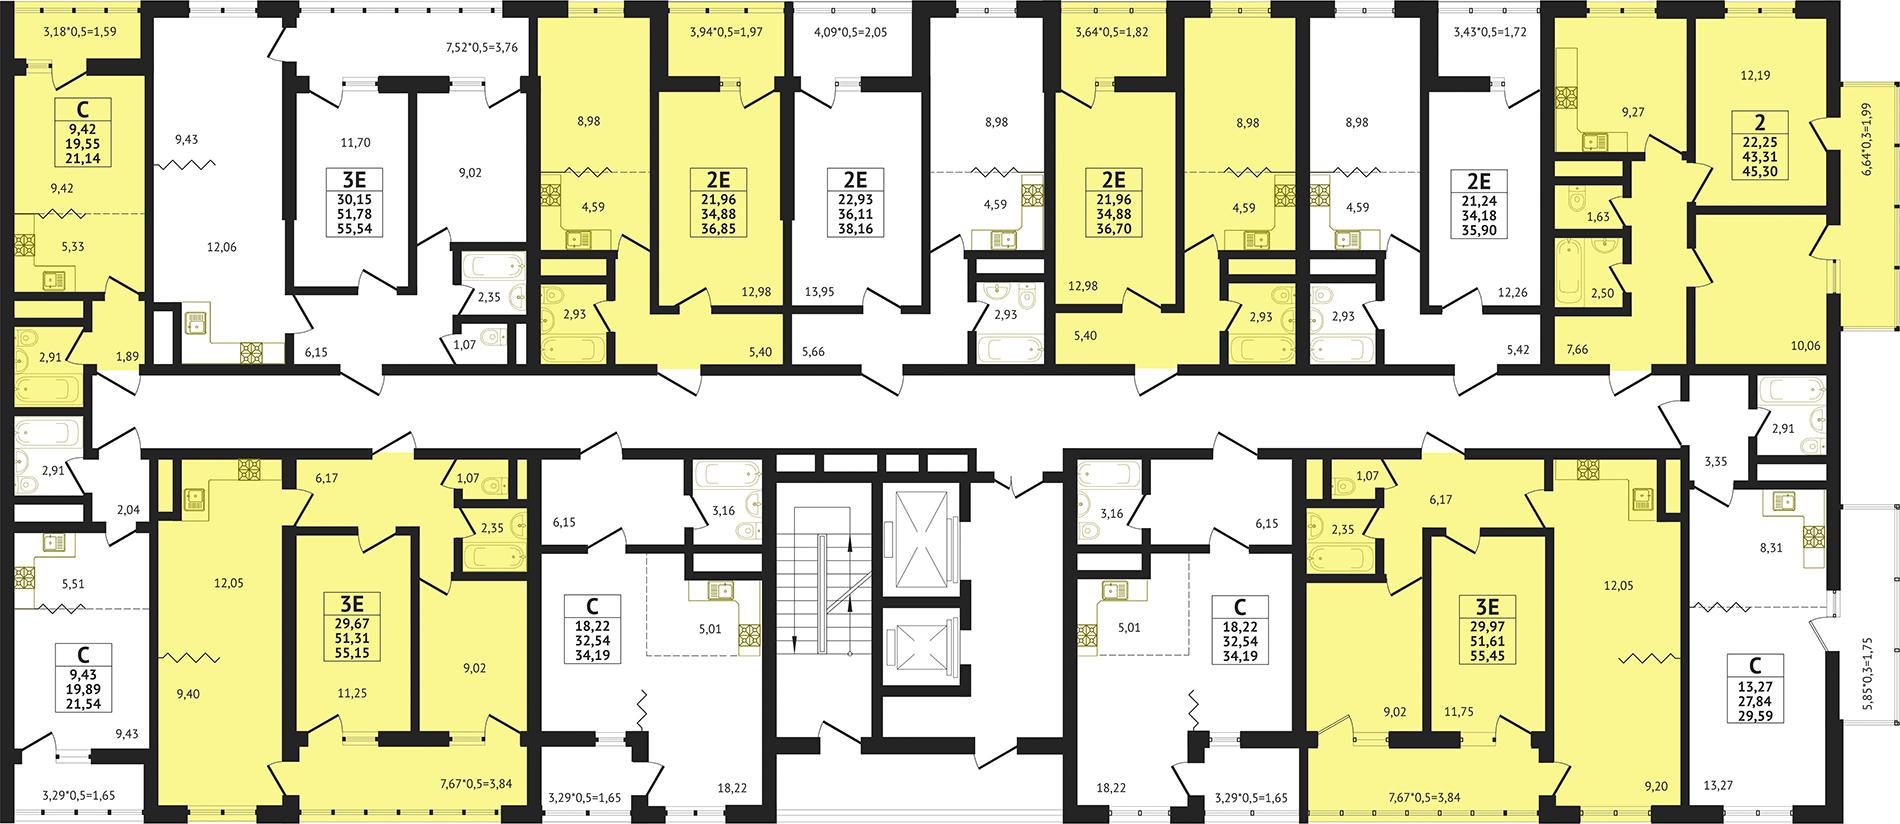 Планировка ЖК Оникс Литер 2 - Подъезд 3 - Этаж Типовой